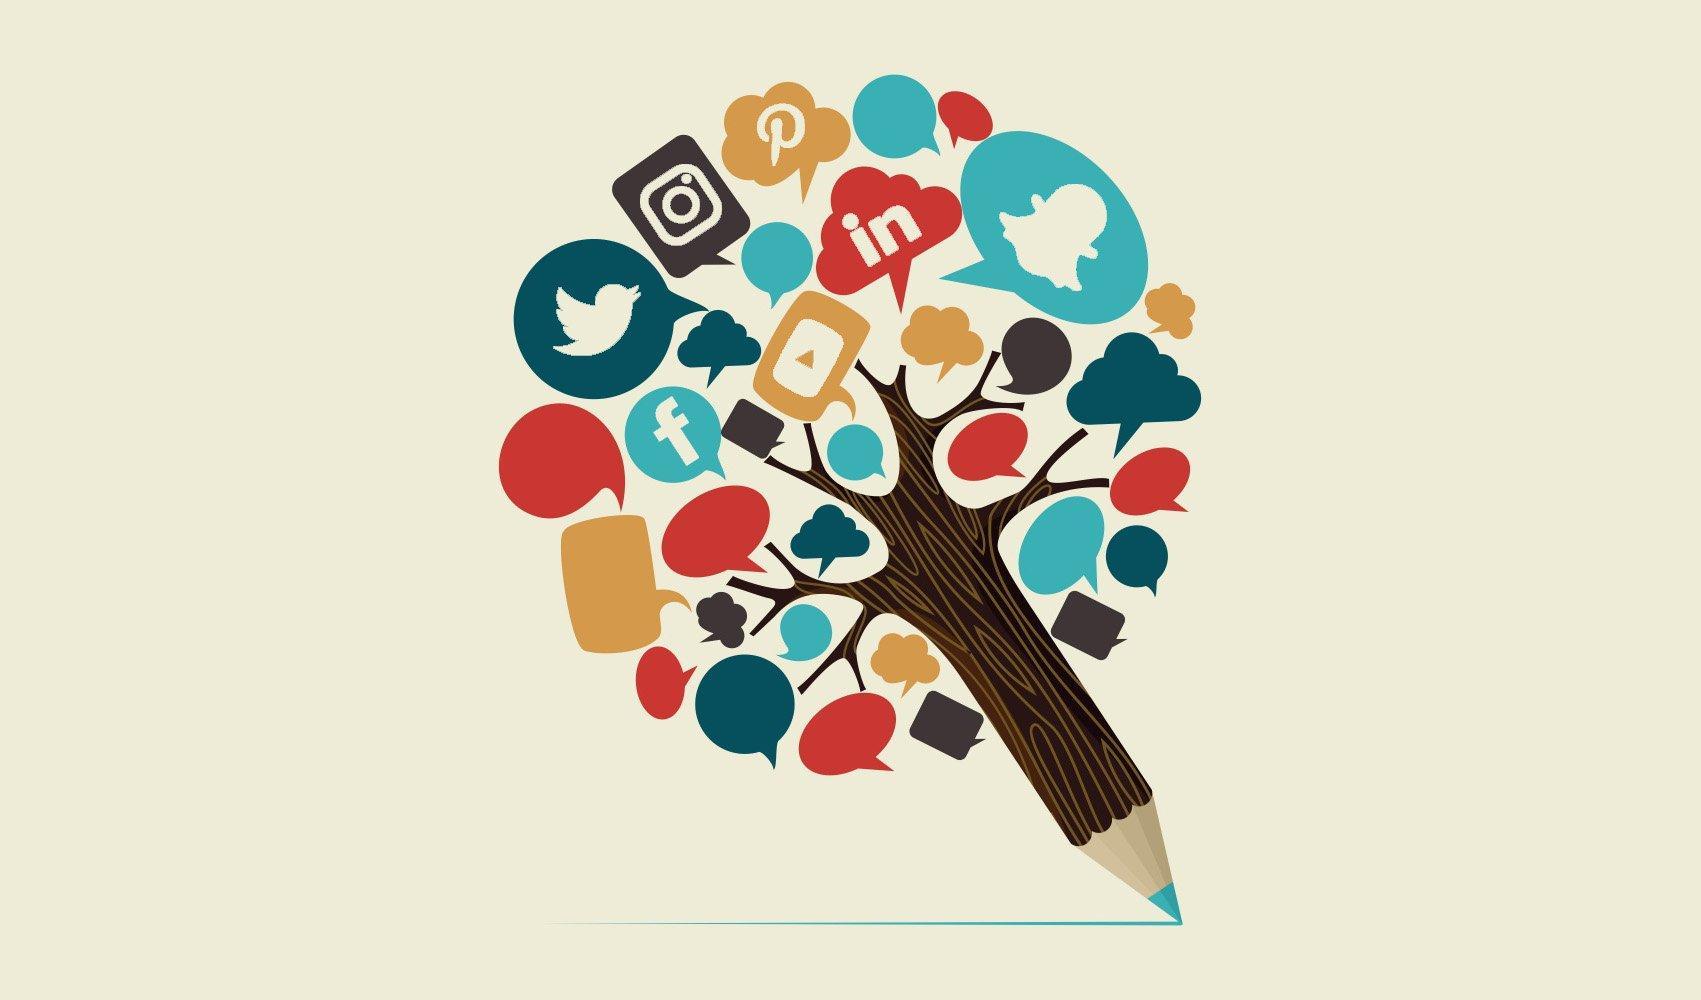 L'importanza dei social media oggi per l'educazione e l'apprendimento